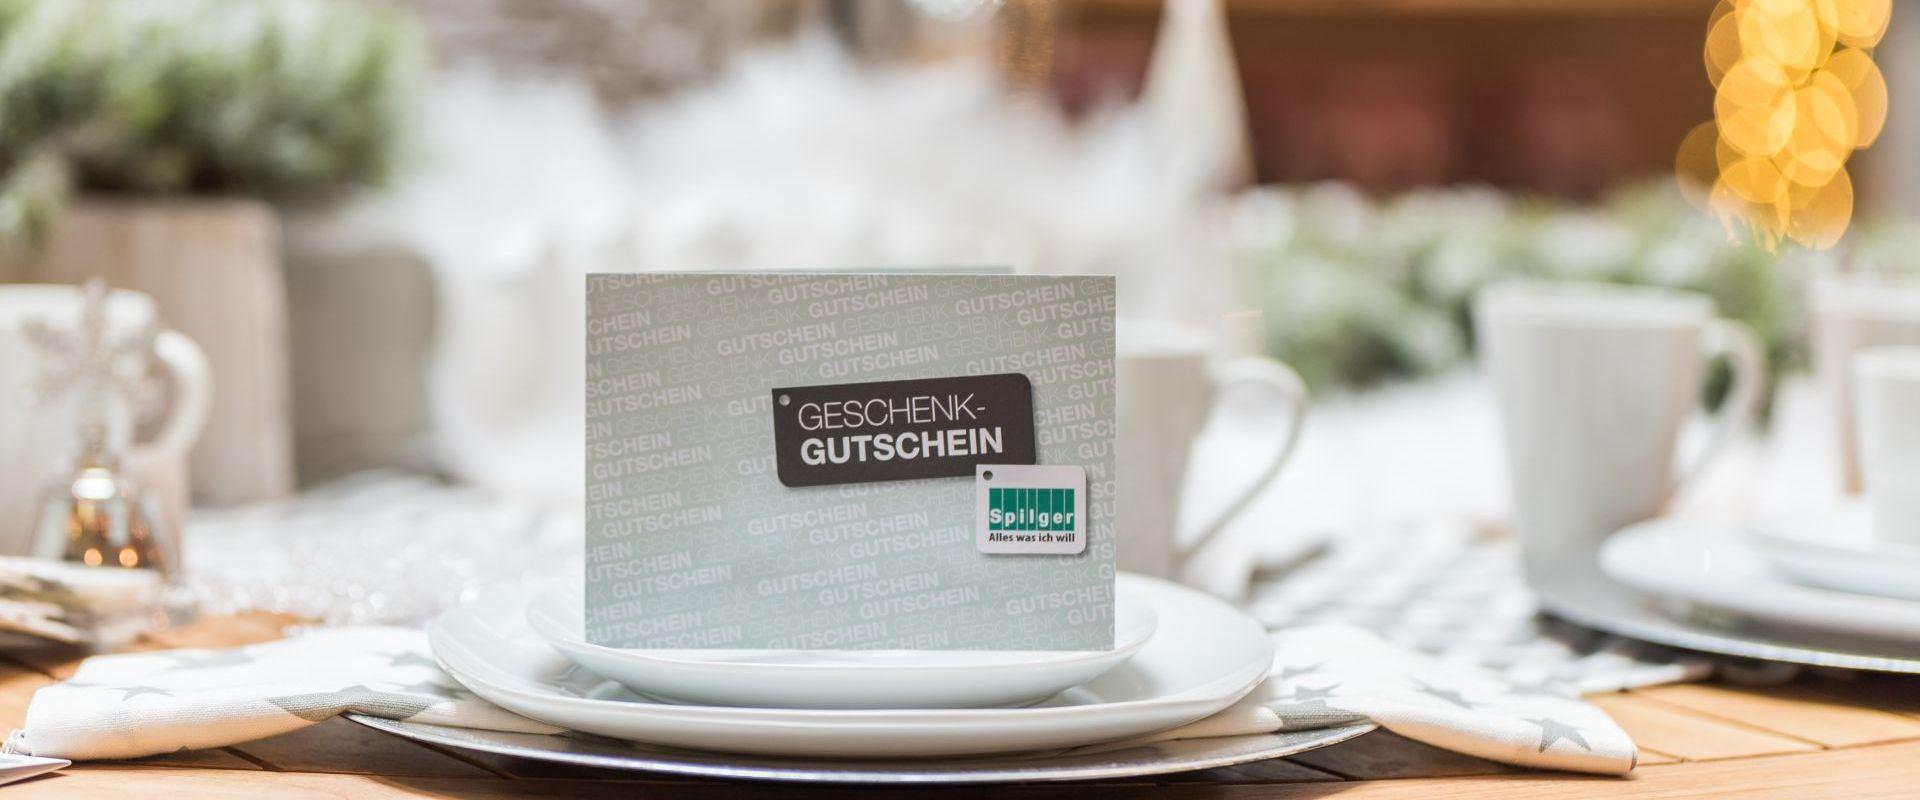 Ausgezeichnet Gartenmöbel De Gutschein Ideen - Schlafzimmer Ideen ...